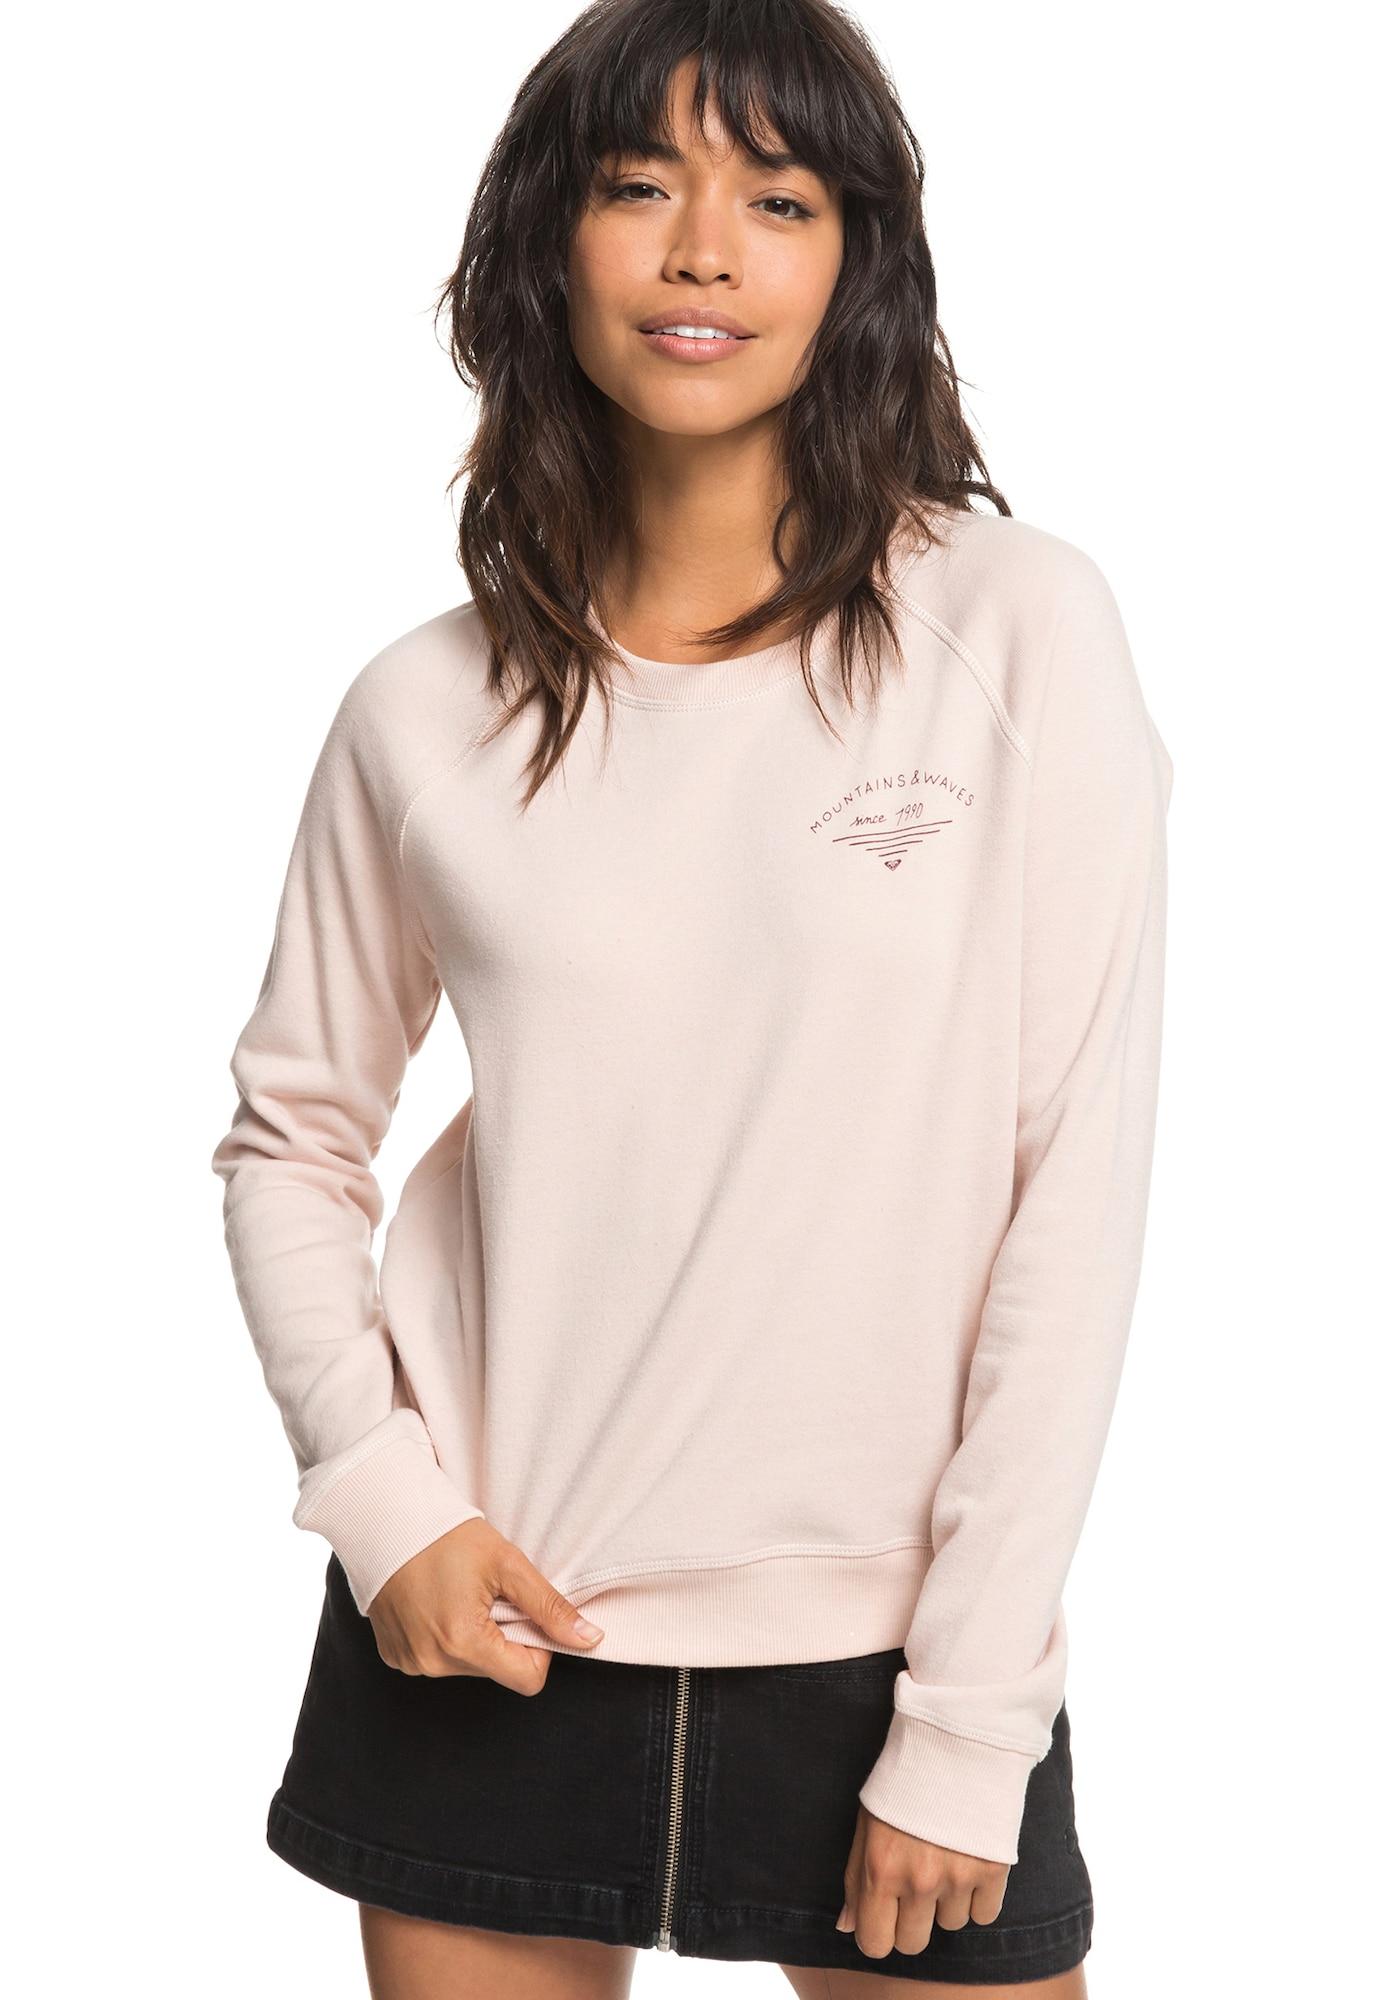 ROXY, Dames Sweatshirt 'Sunset Spell', lichtroze